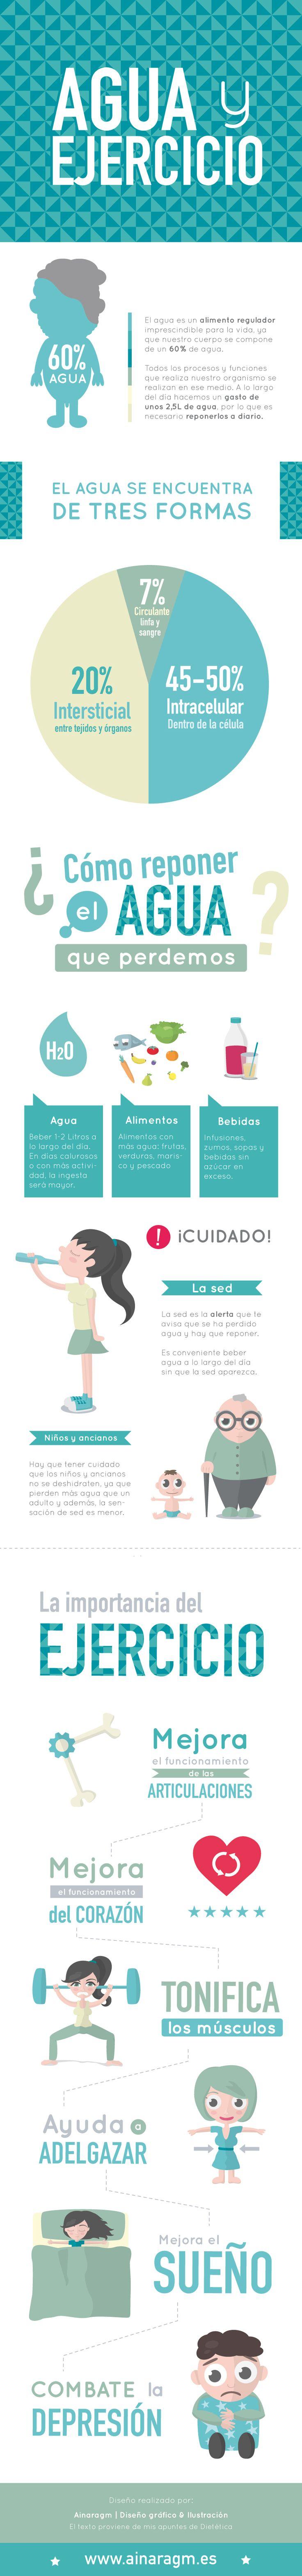 Infografía sobre el agua y el ejercicio